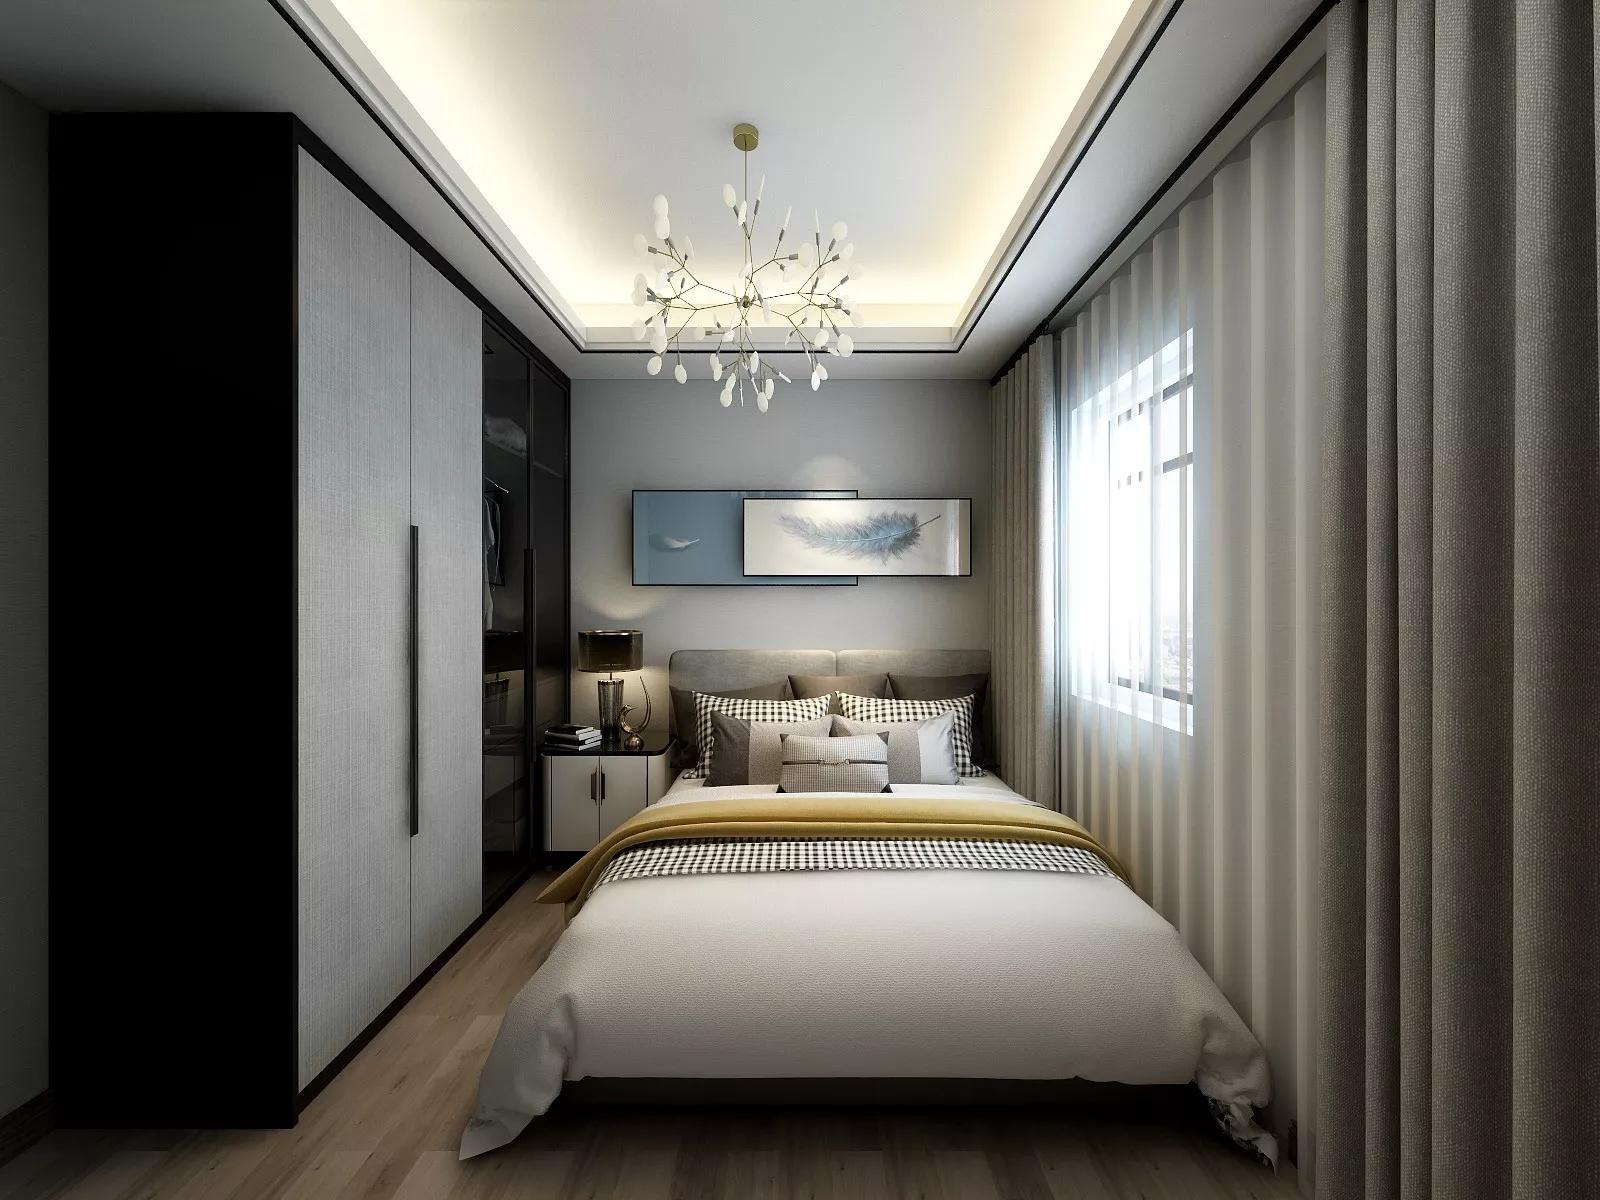 欧式风格豪华大气客厅沙发装修效果图